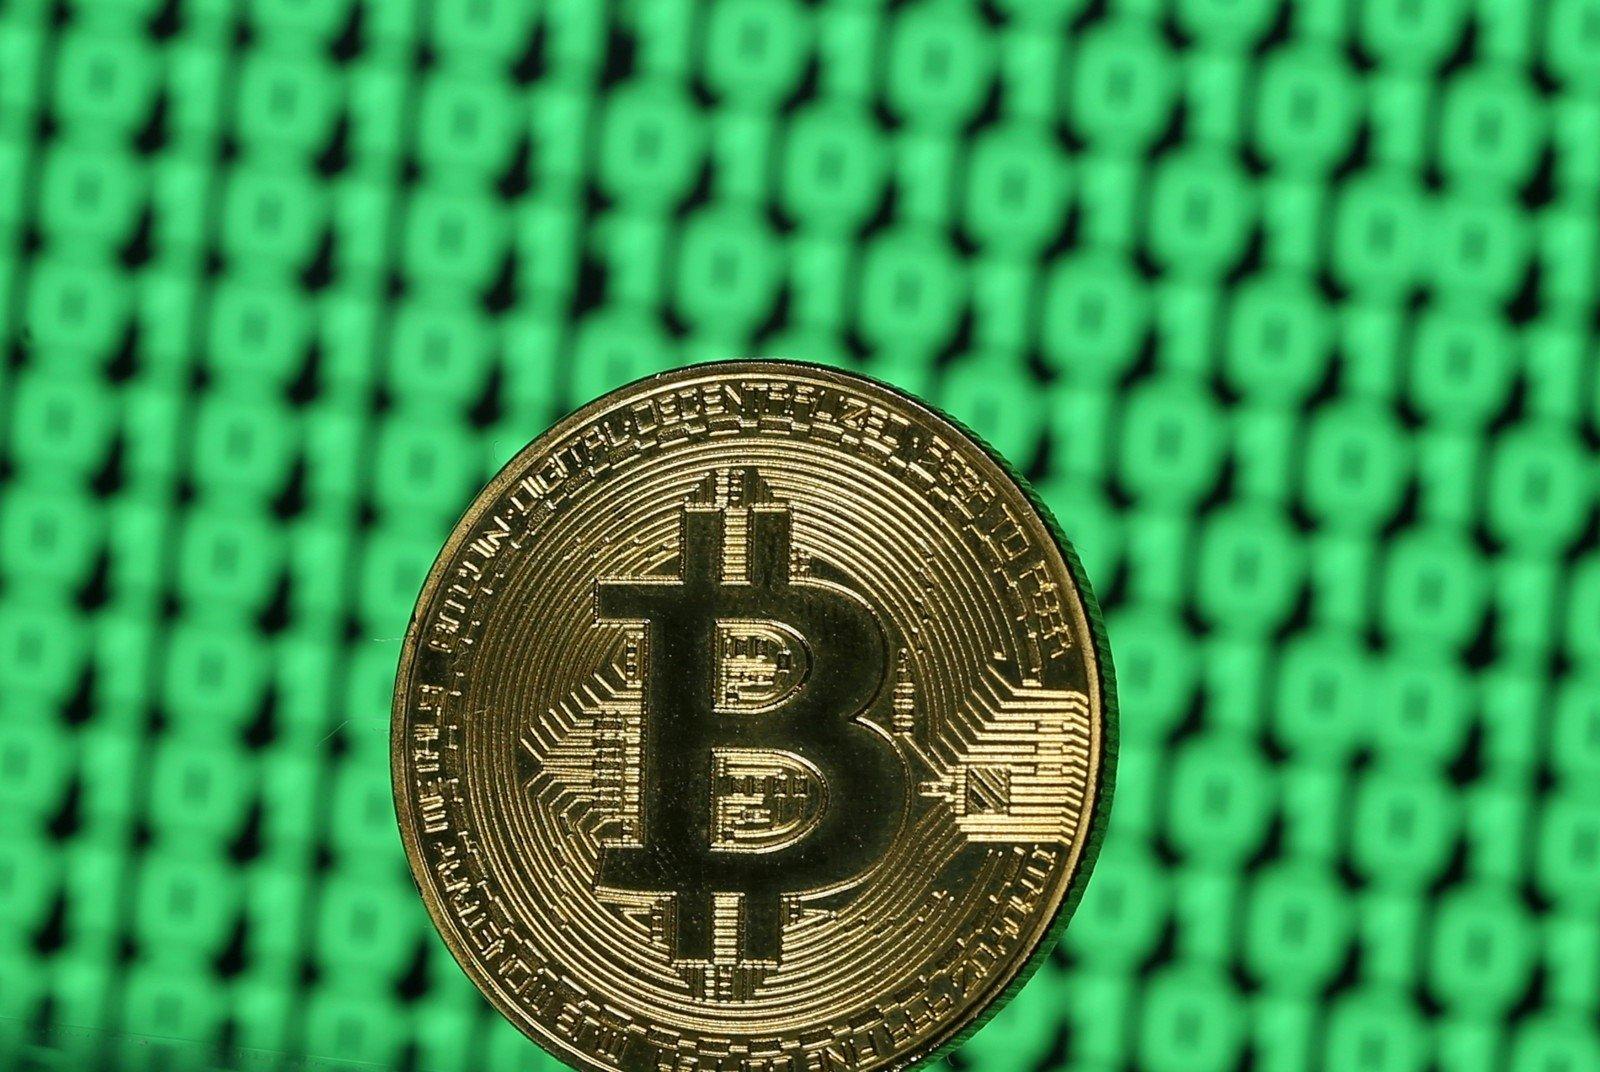 Kriptovaliutos nėra burbulas, iš tiesų, tradiciniai pinigai yra nieko verti